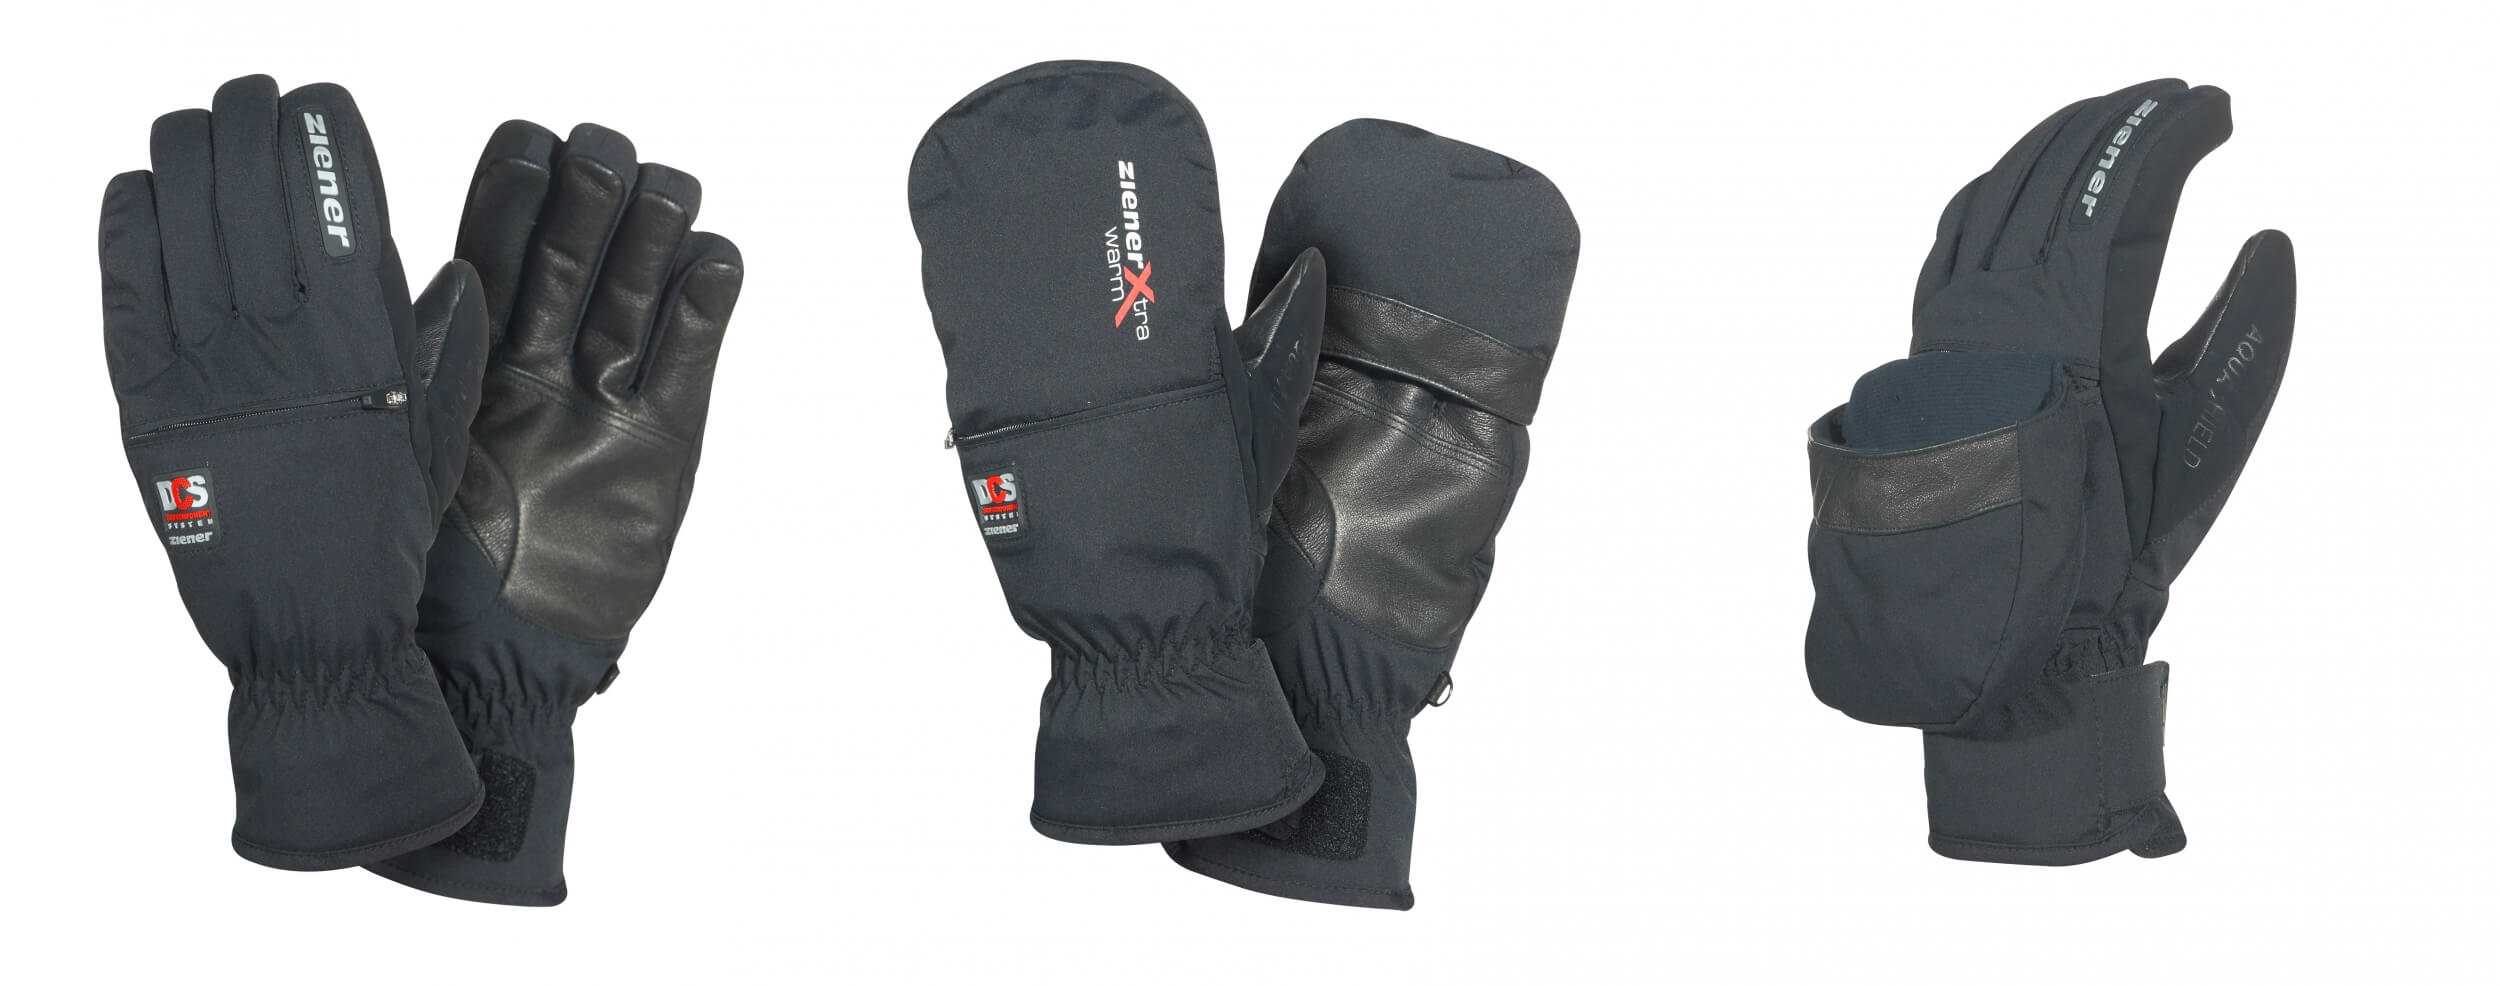 ZIENER Ski Handschuhe extra warm Galliano DCS 12 schwarz